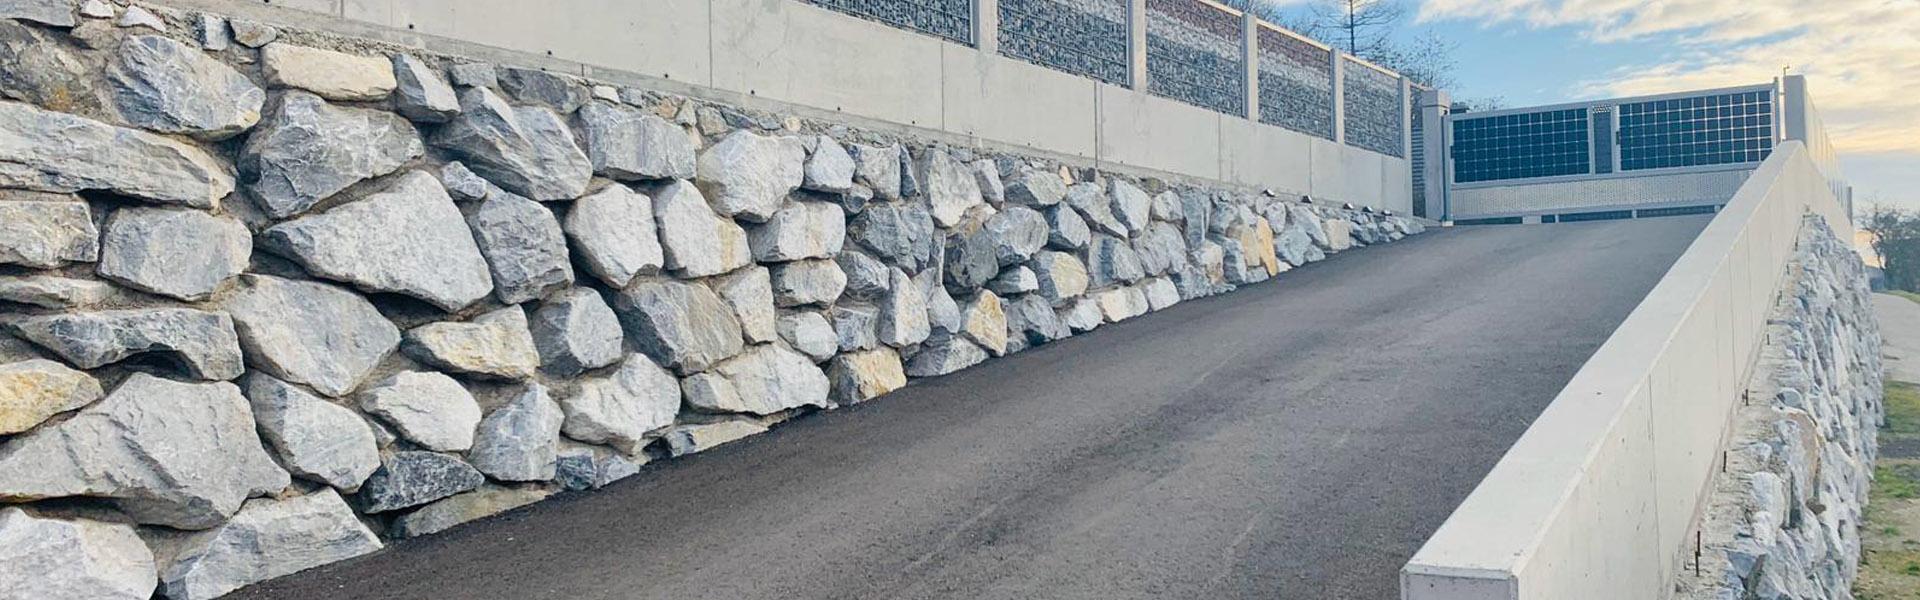 steinmauer-breit-marchart